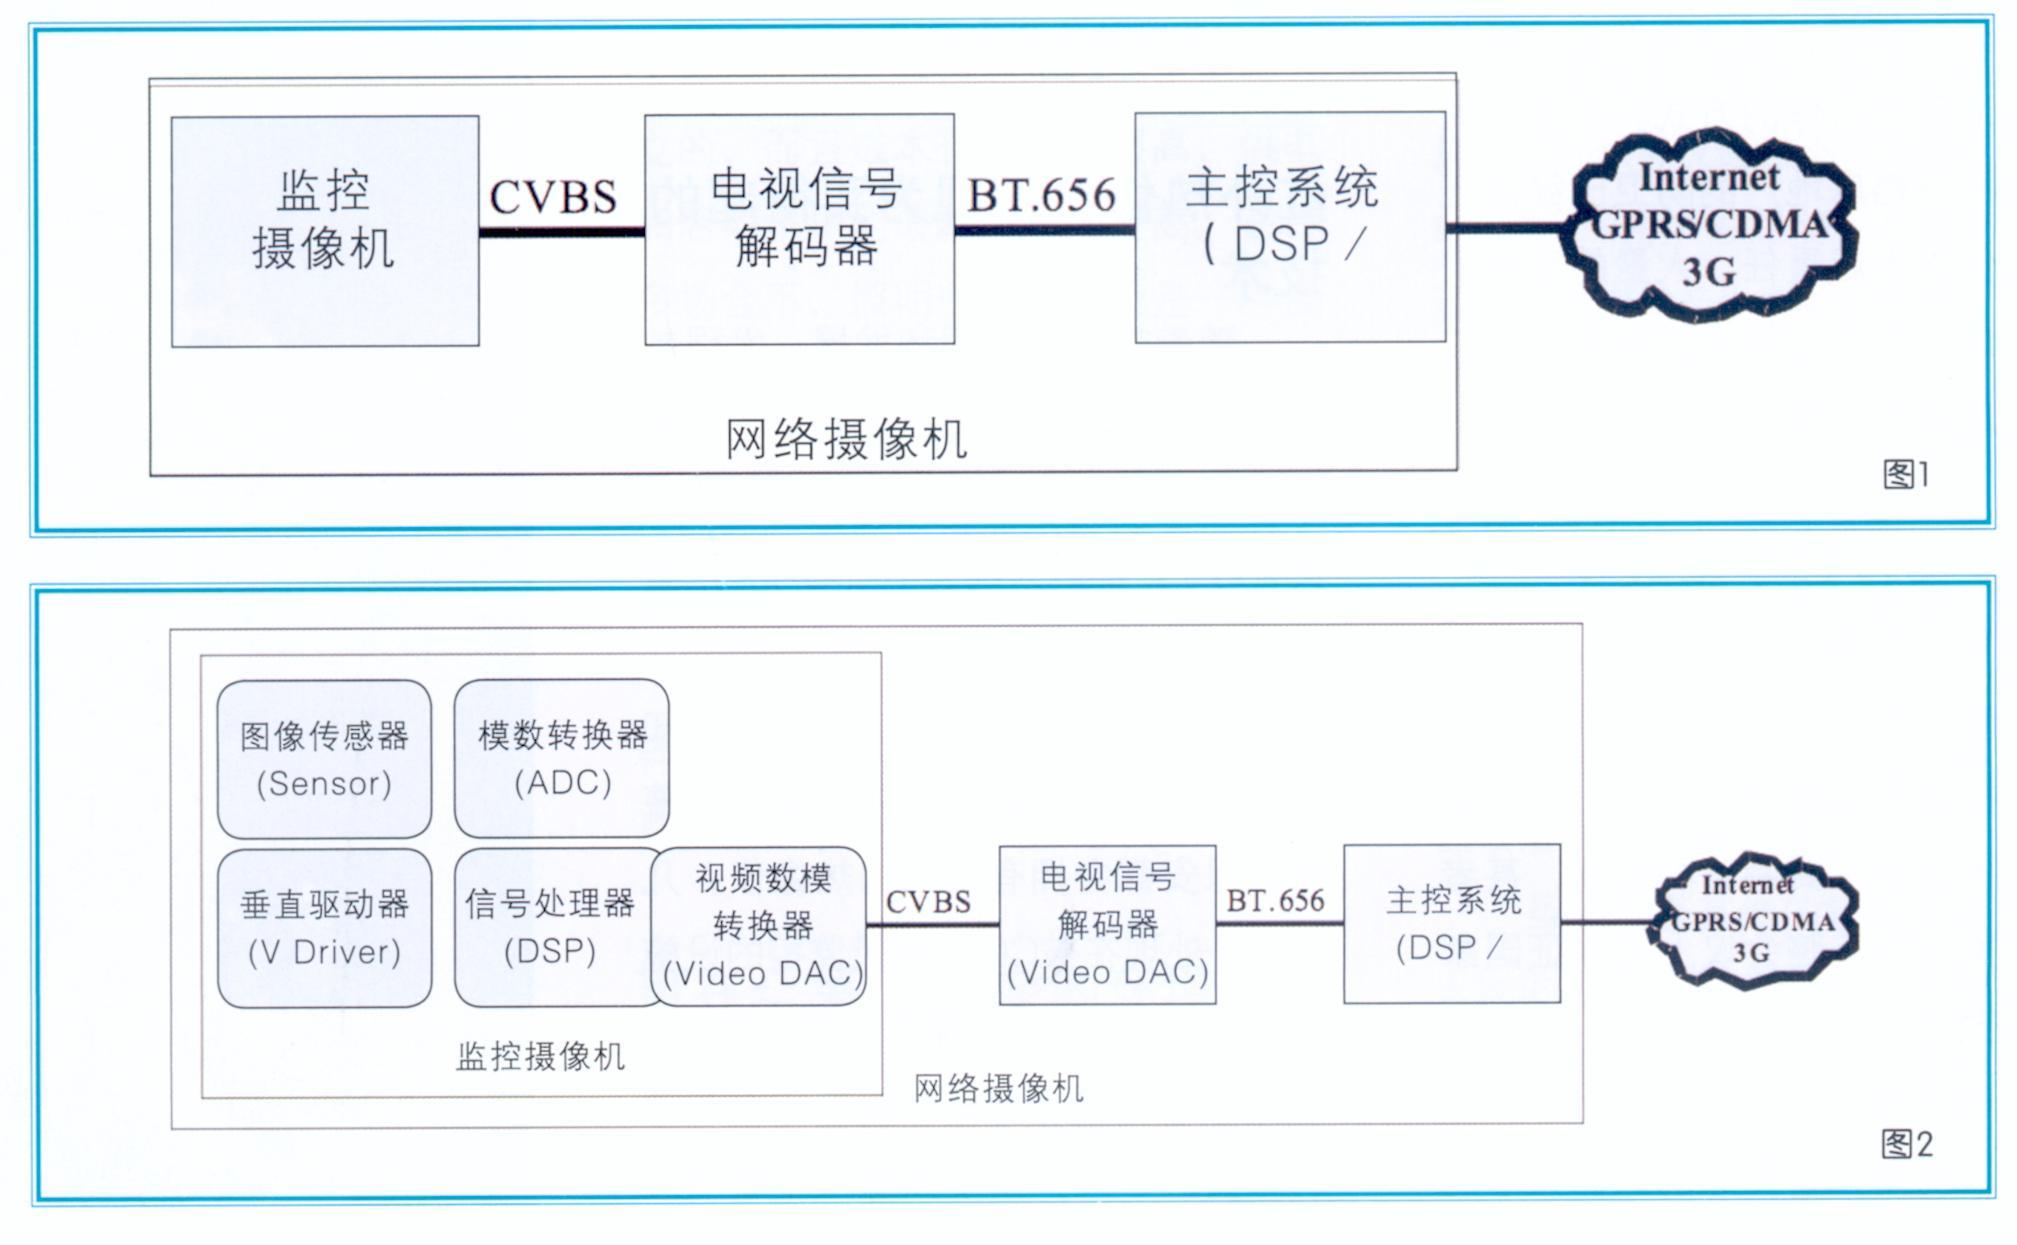 模拟信号输入到电视信号解码器后经过模数转换(vldlo adc),还原为数字